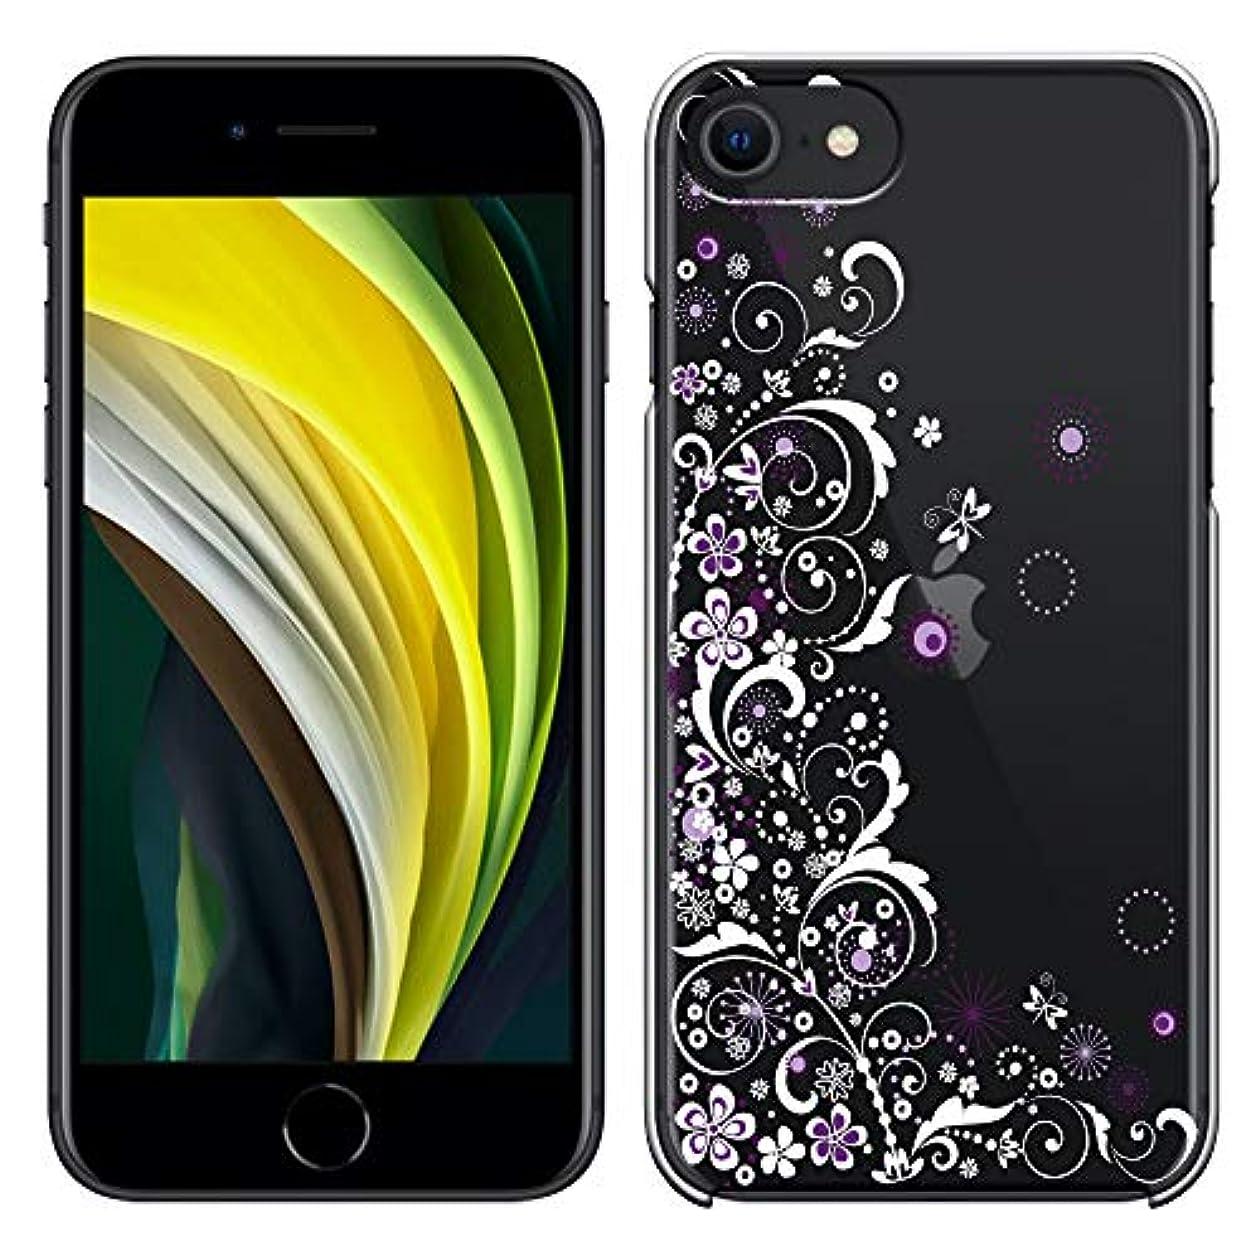 チェリー優しい費やすiPhone SE ケース 第2世代 アイフォンSE2 カバー iPhone SE2 ケース 2020年新型 スマホケース 保護フィルム Breeze 正規品 [ISE21807FM]